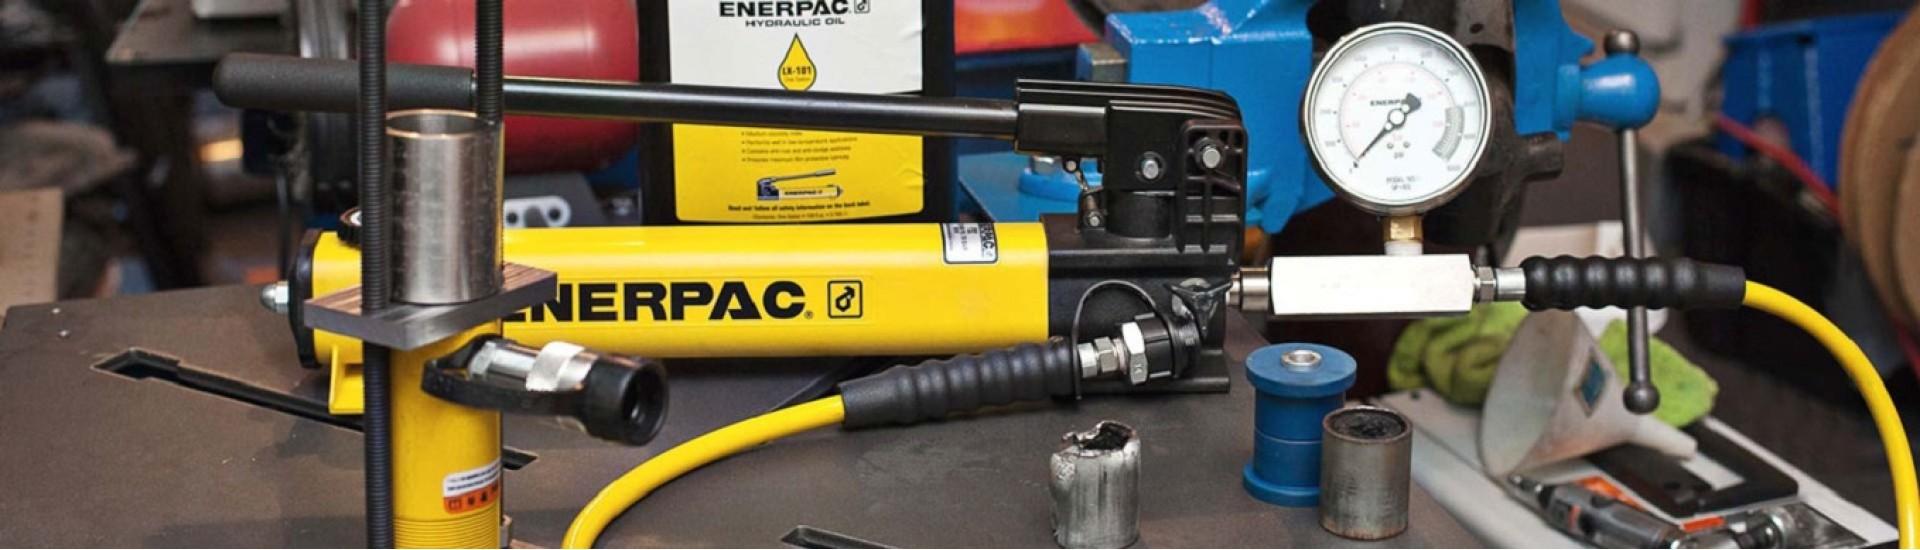 ابزار هیدرولیک ، Hydraulic Tools & Equipment